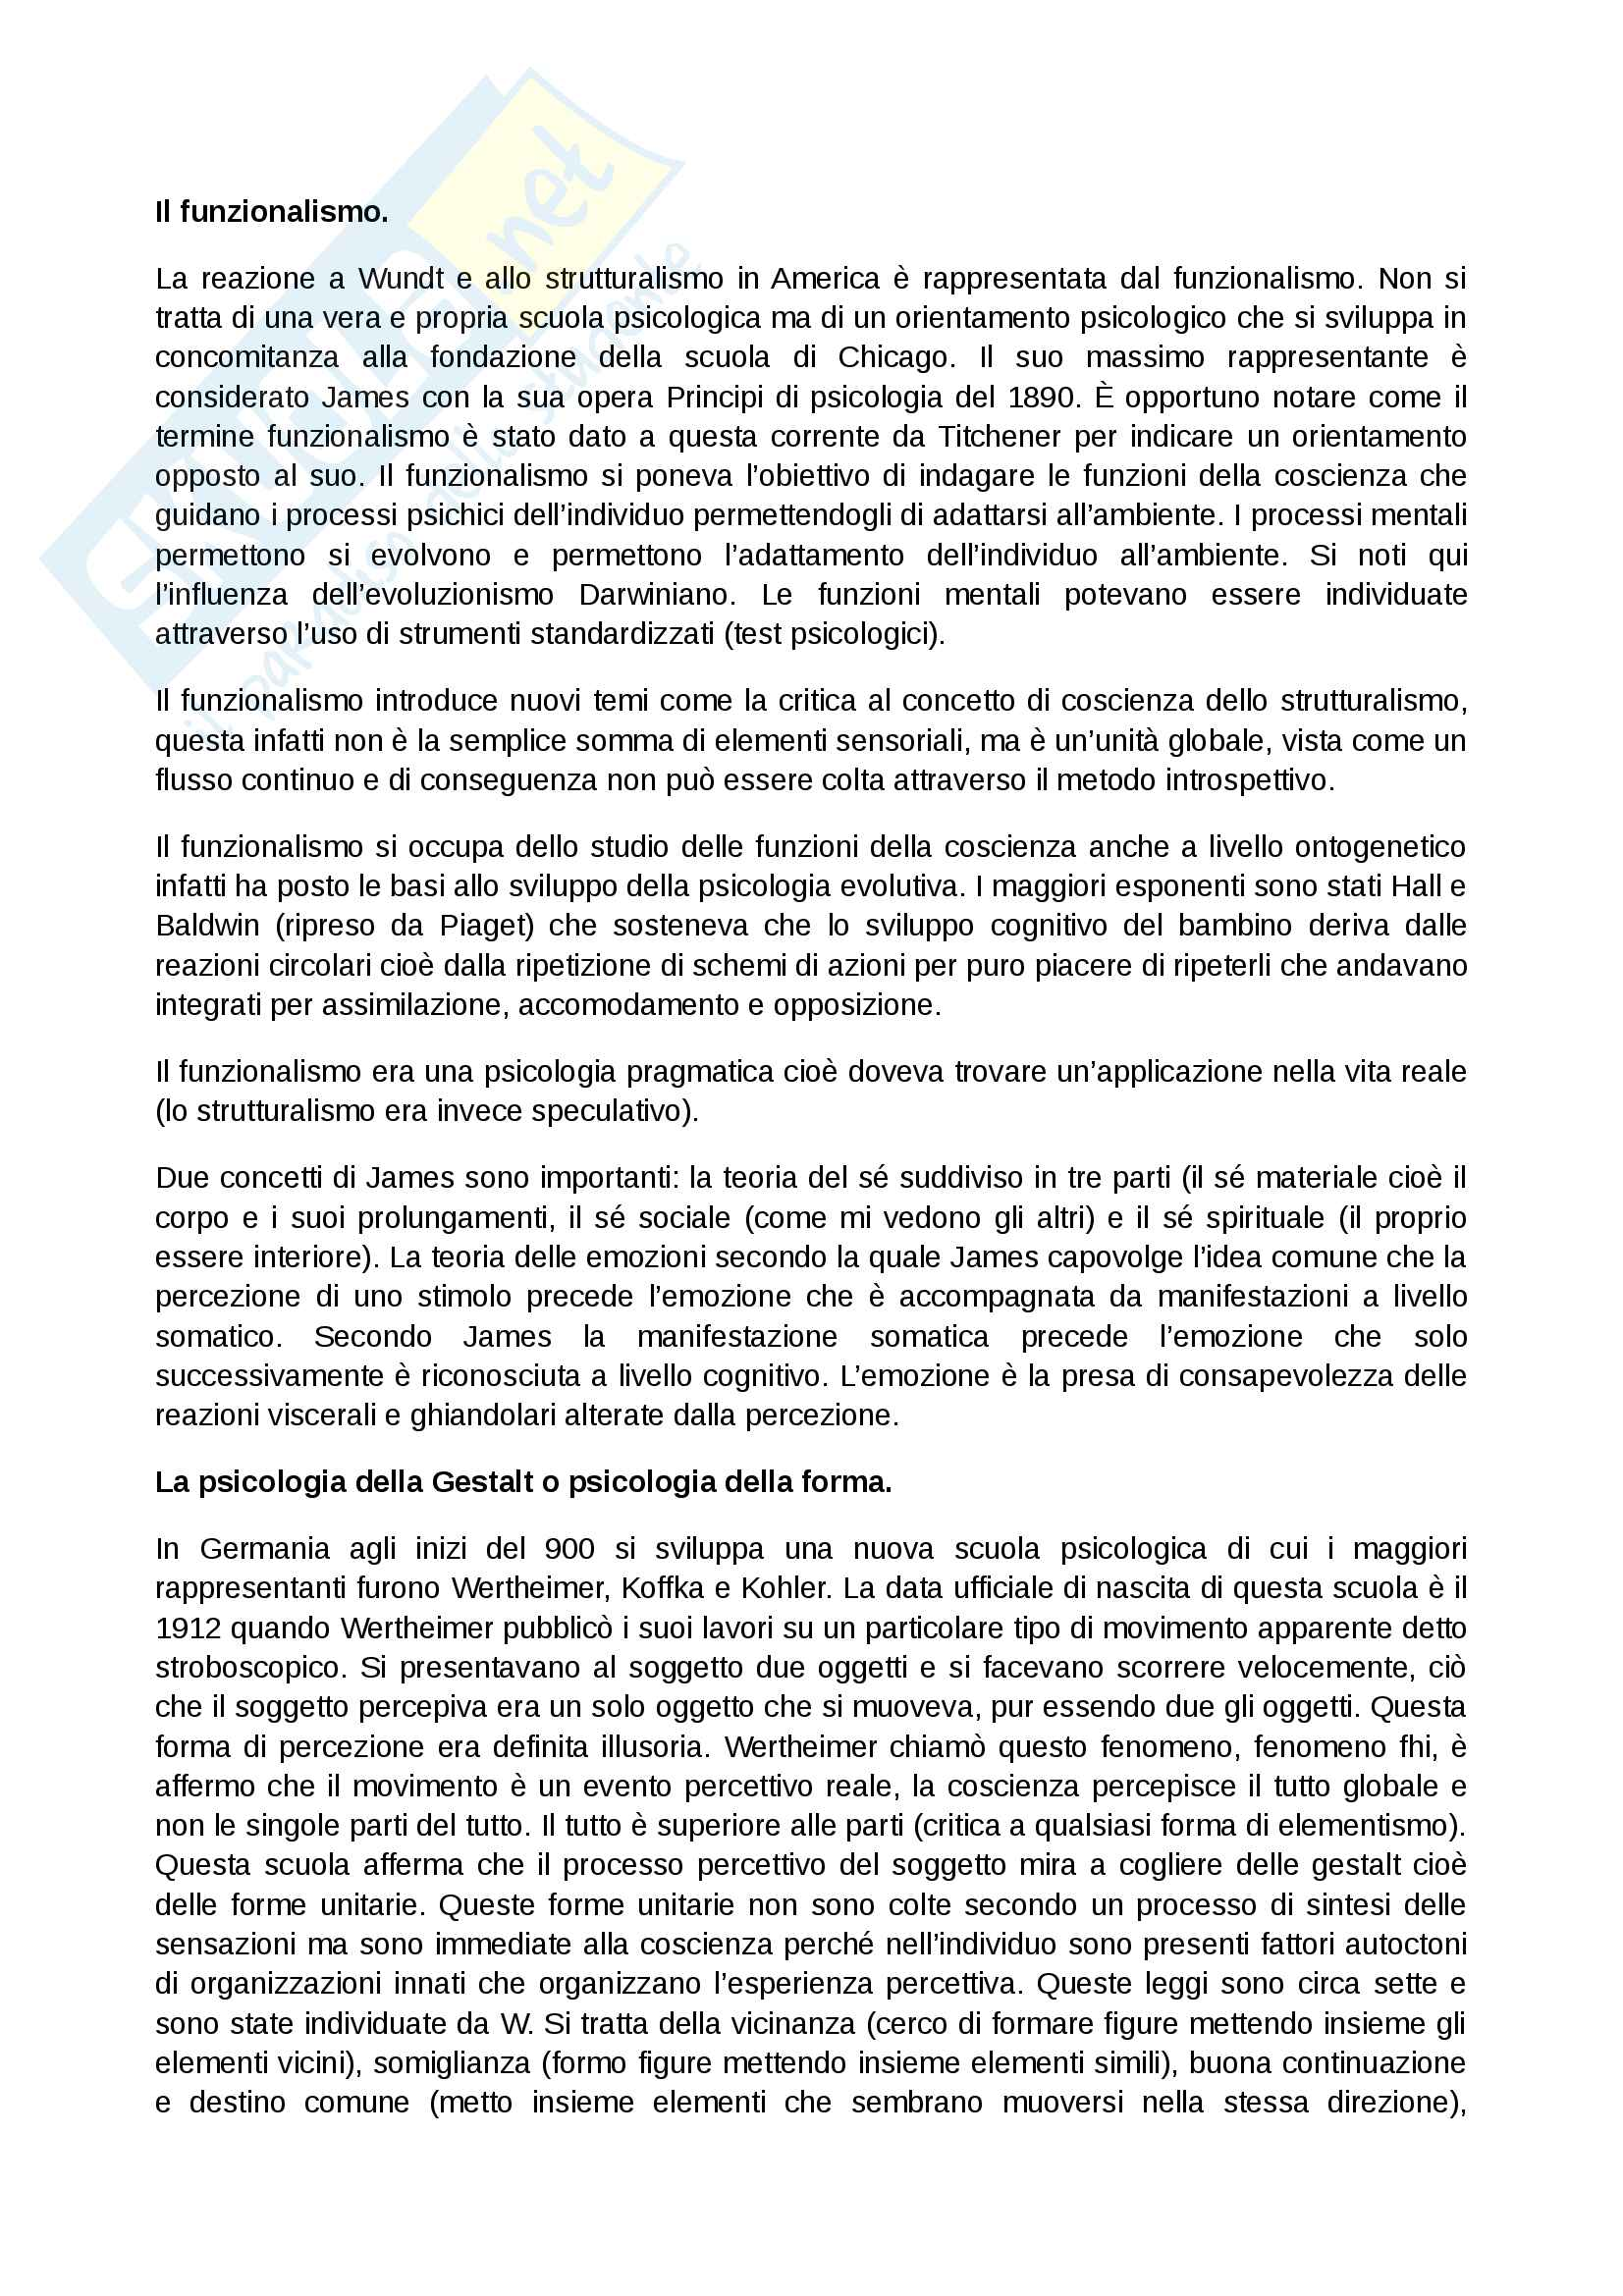 Riassunto origini e storia psicologia Pag. 11